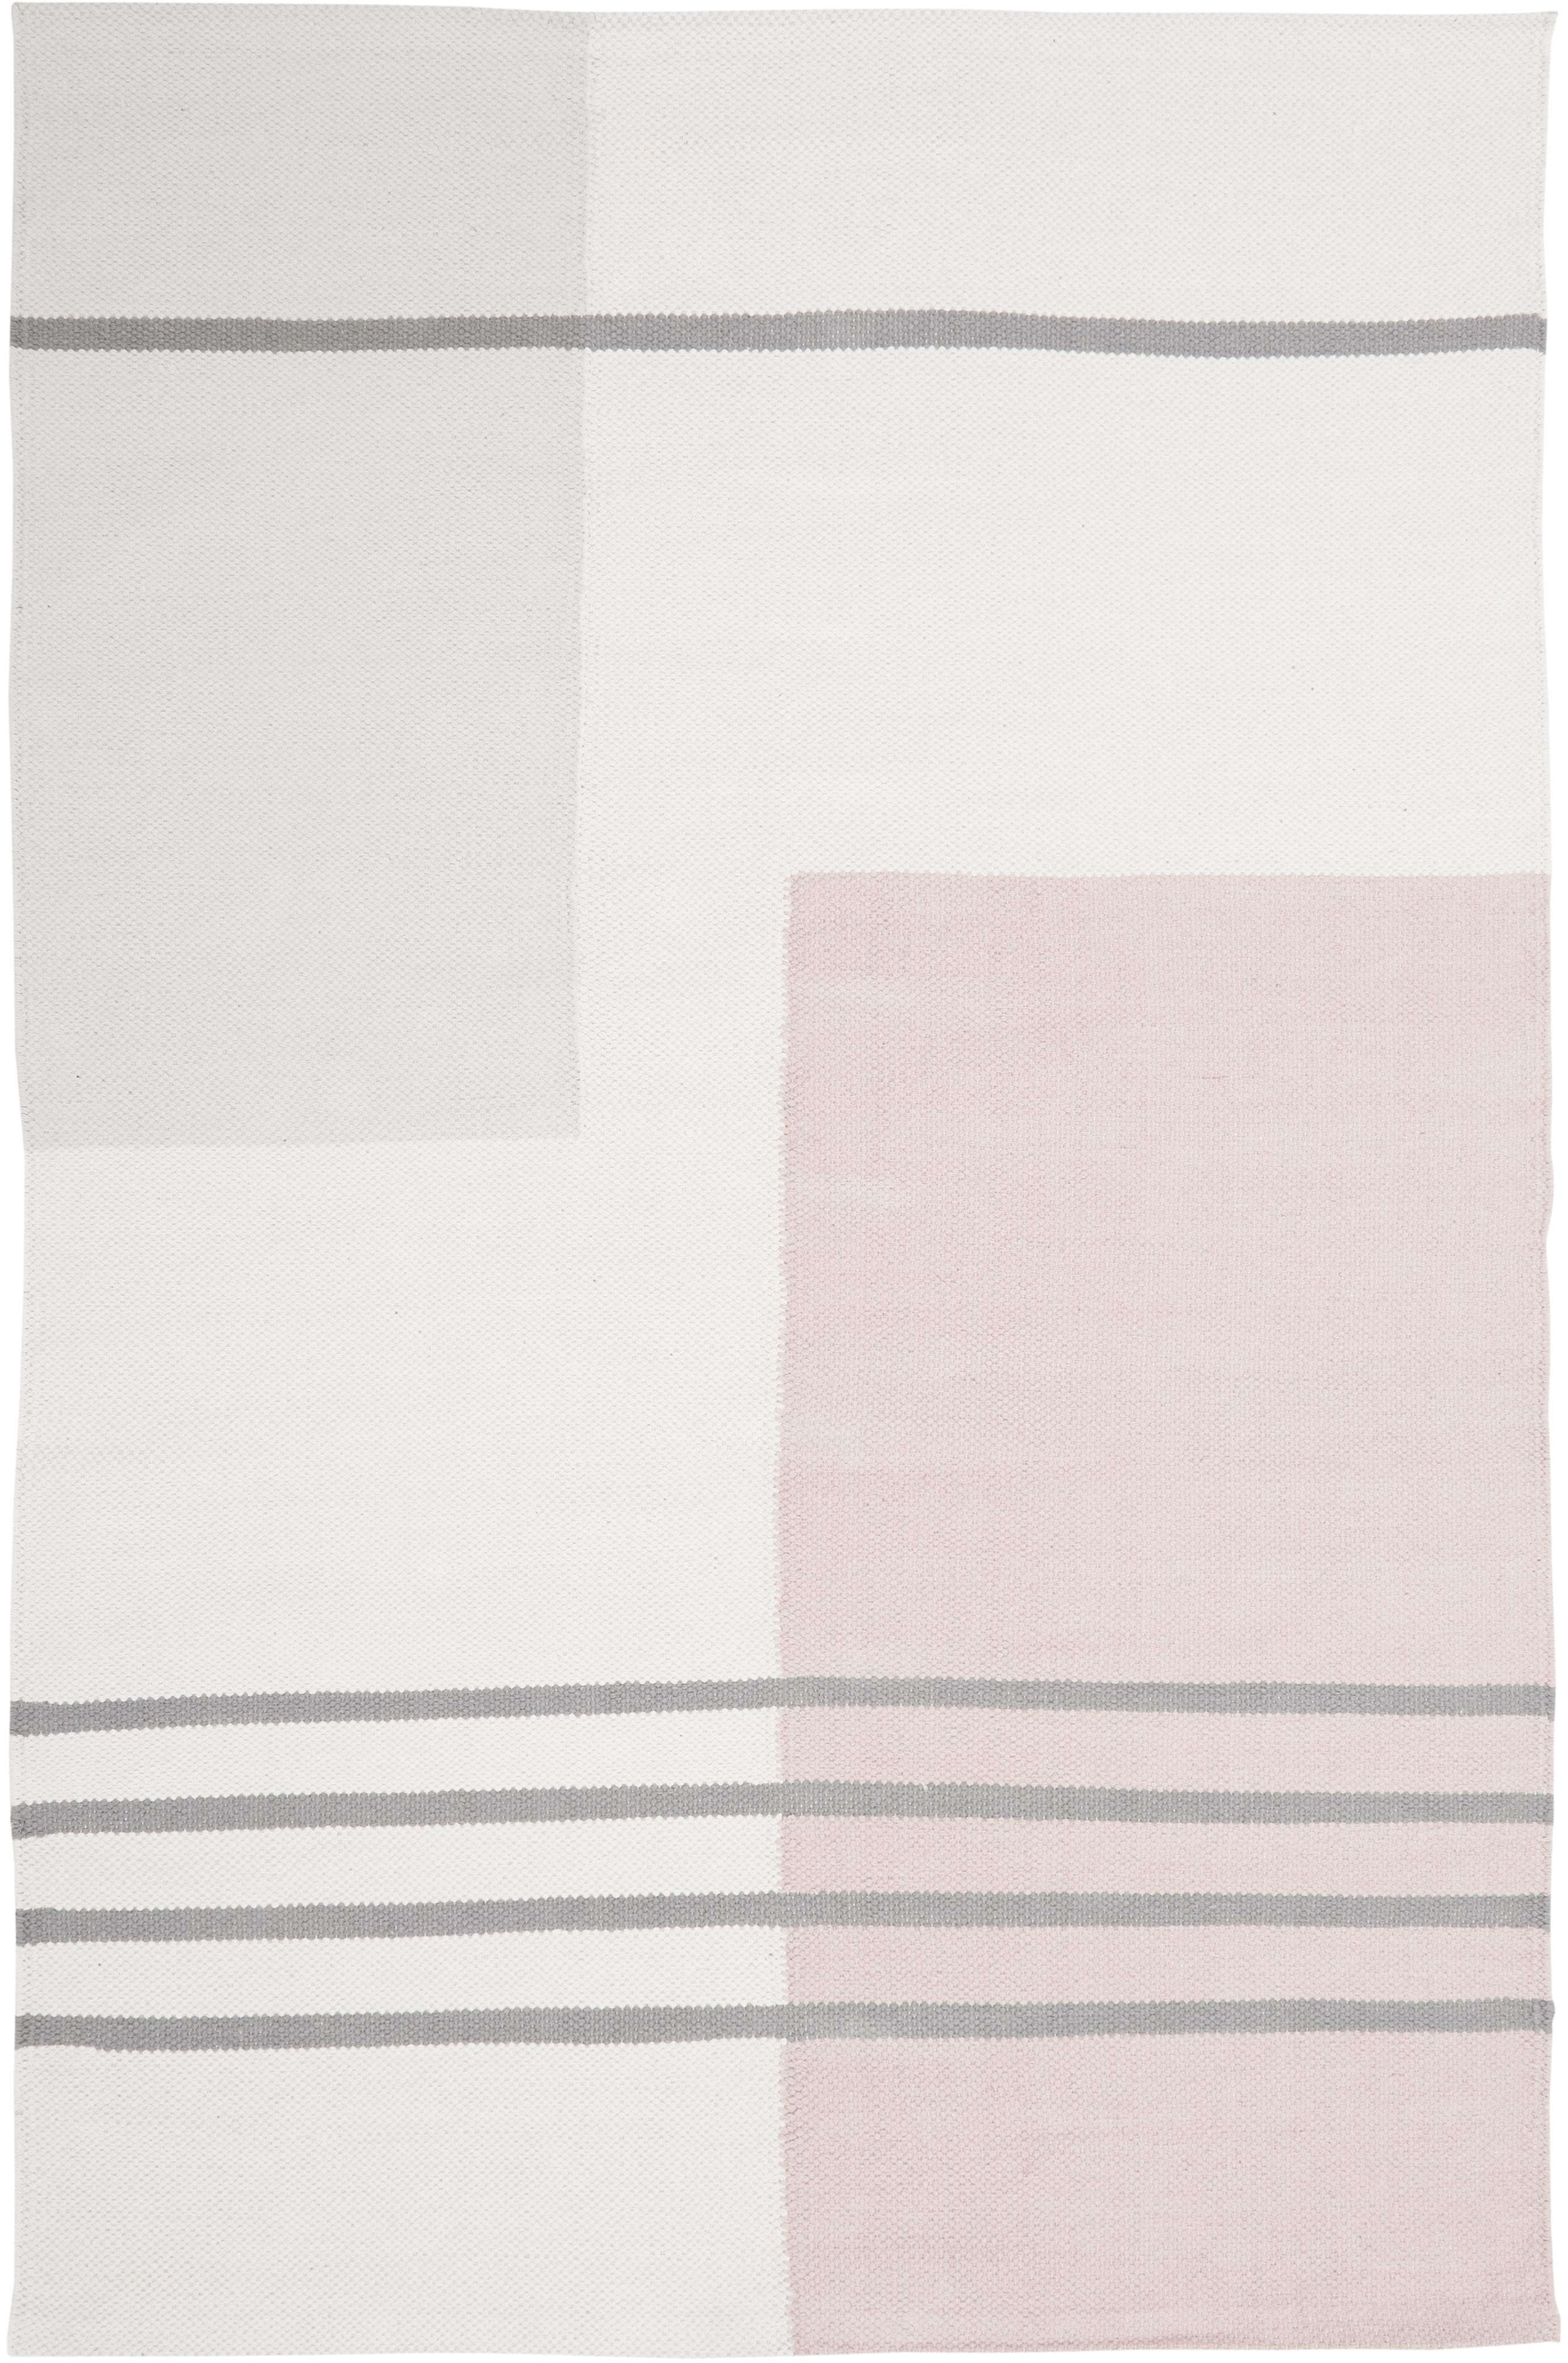 Flachgewebter Baumwollteppich Georgio mit grafischem Muster, 100% Baumwolle, Grau, Beige, Rosa, B 120 x L 180 cm (Größe S)